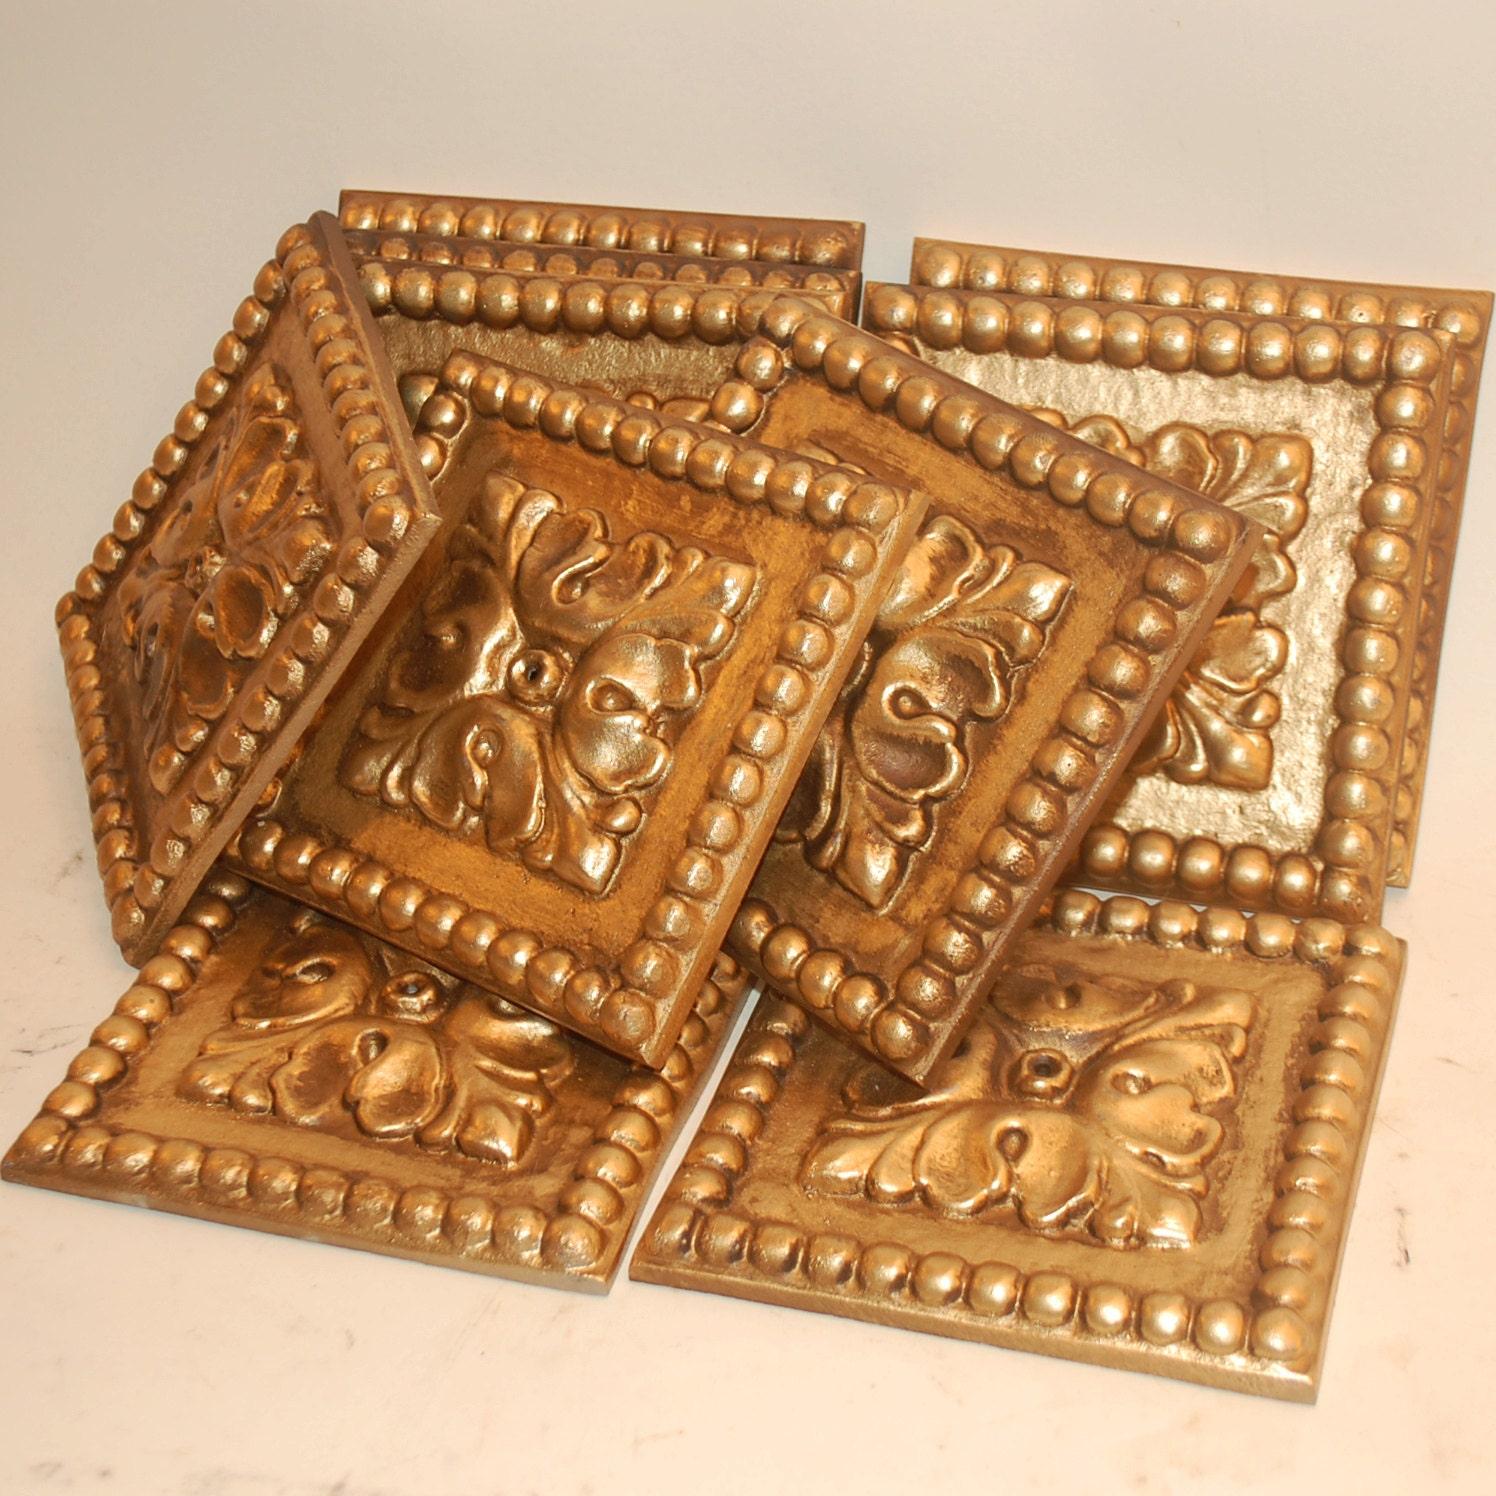 Ten Decorative Wall Tiles Trim Cast Aluminum Metal